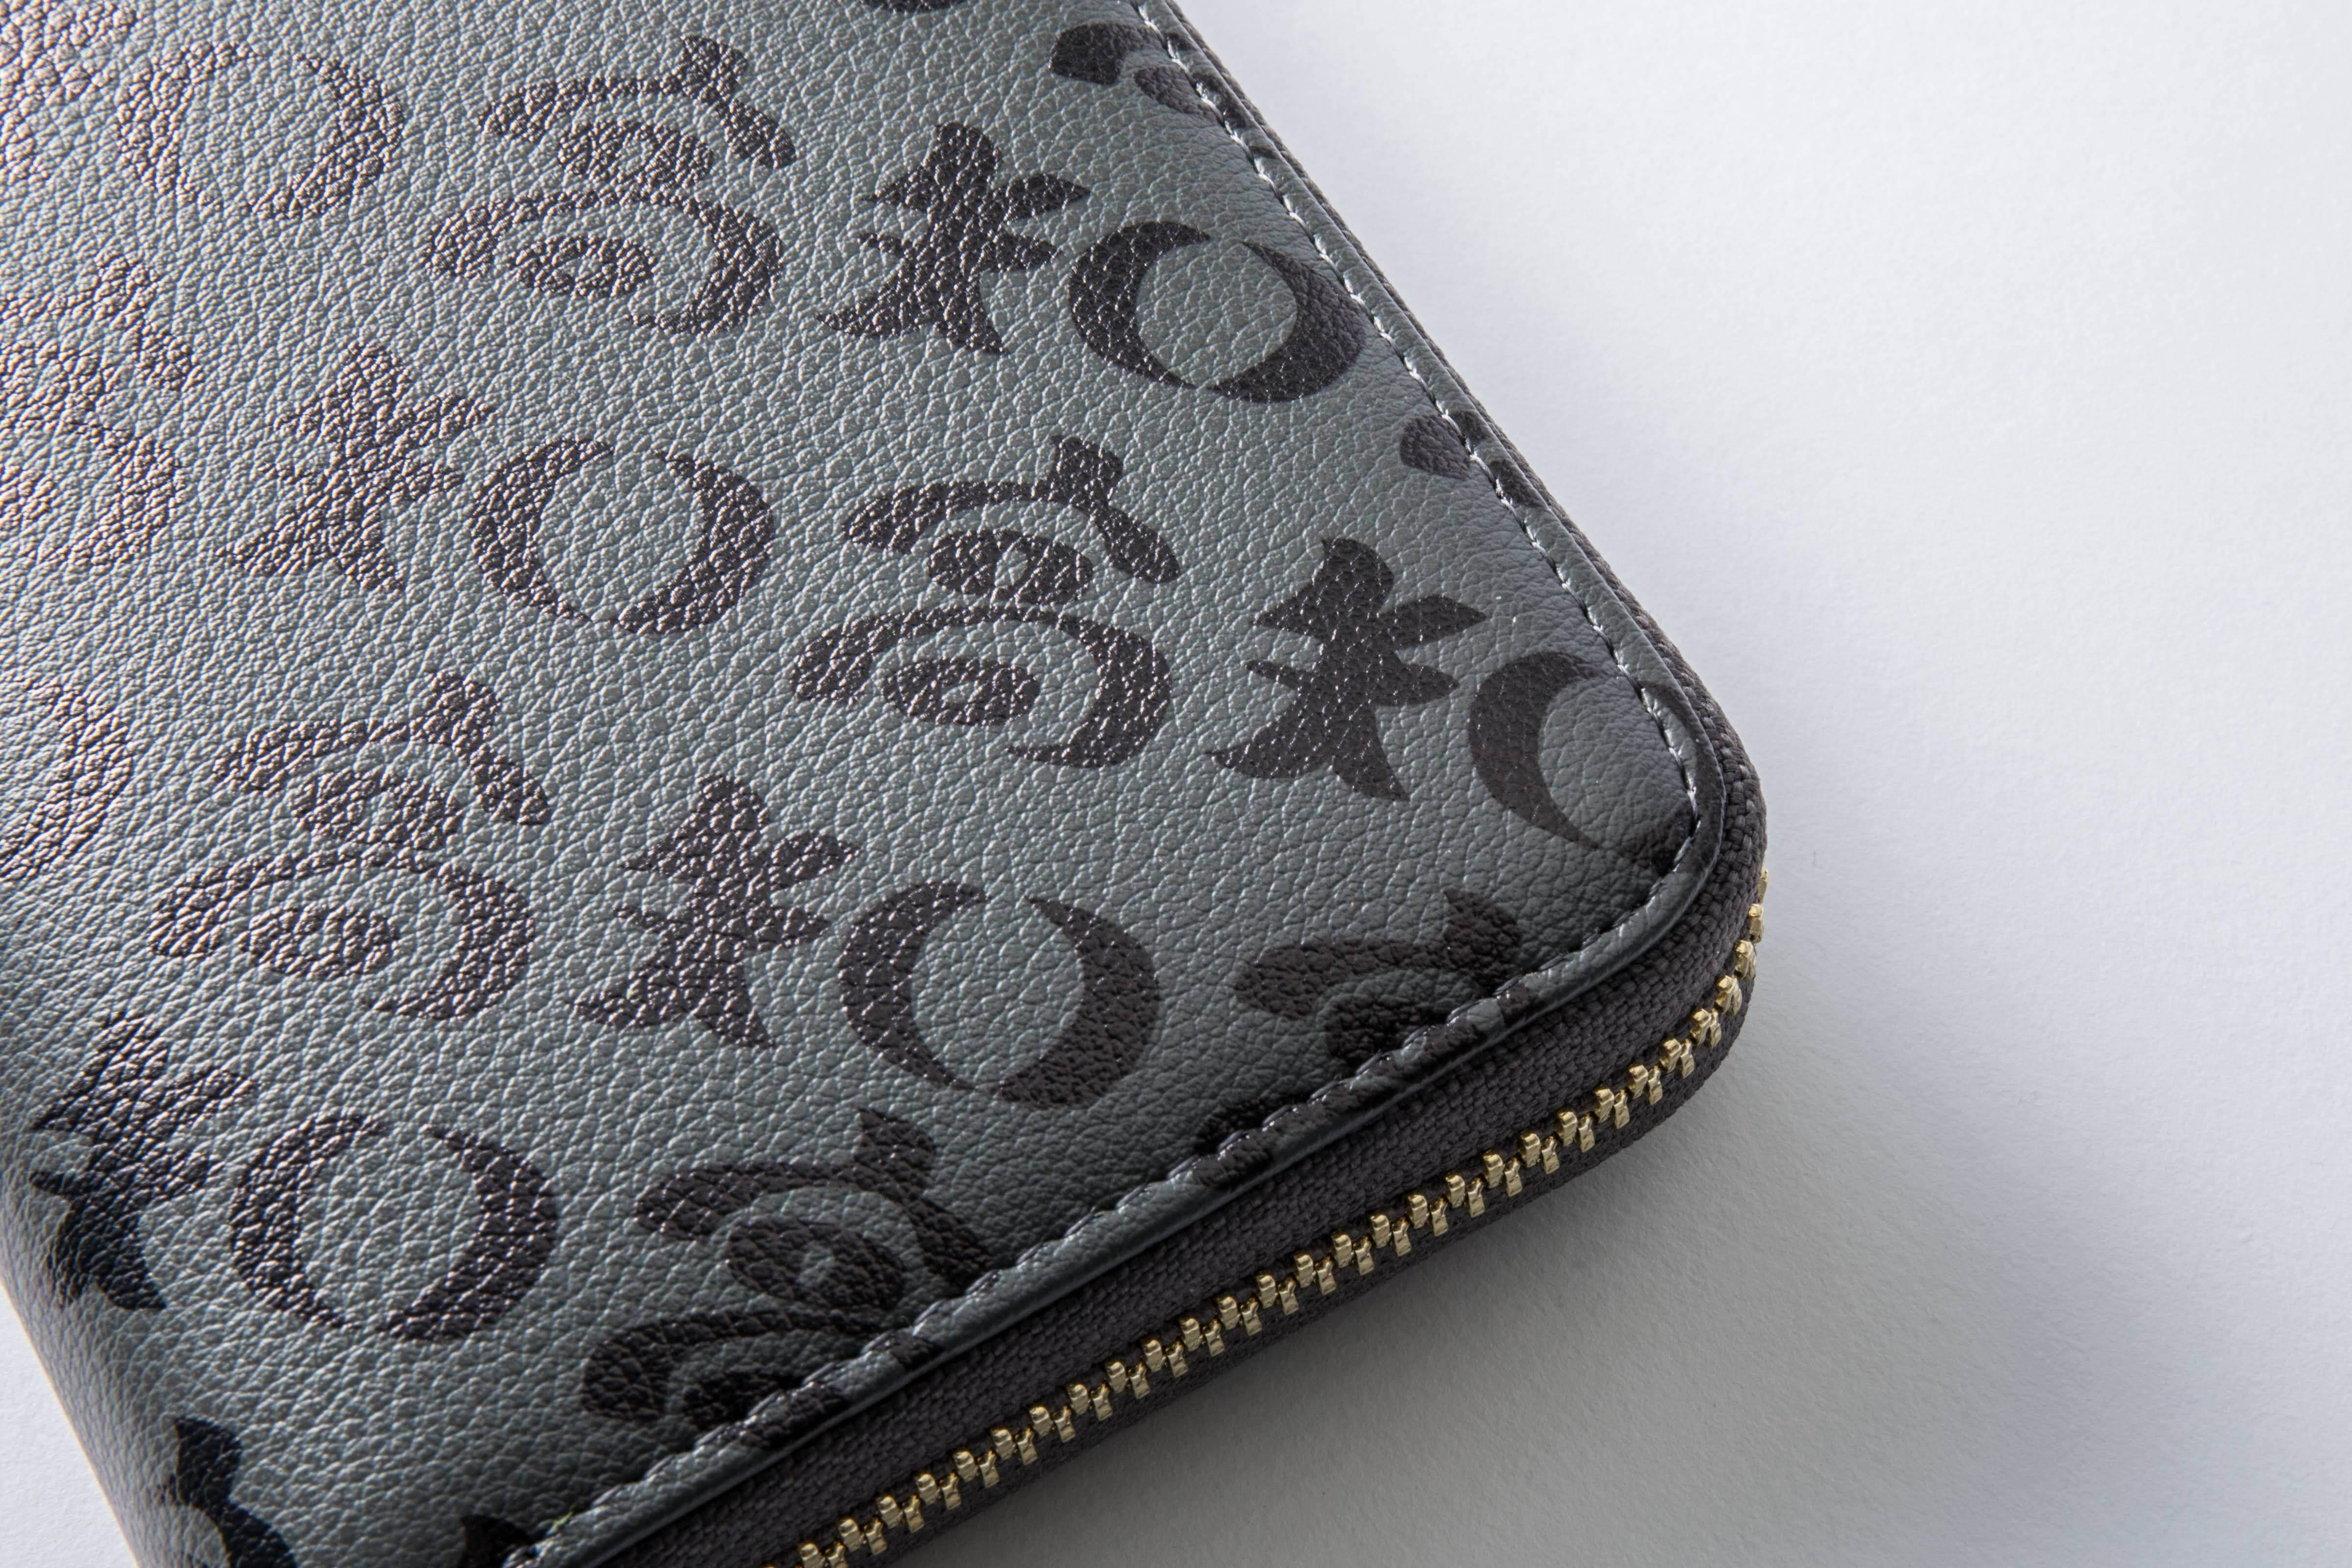 694d21e094fa 高知の財布 グレー×ブラック 一週間以内での発送予定 | 「高知」ブランド ...